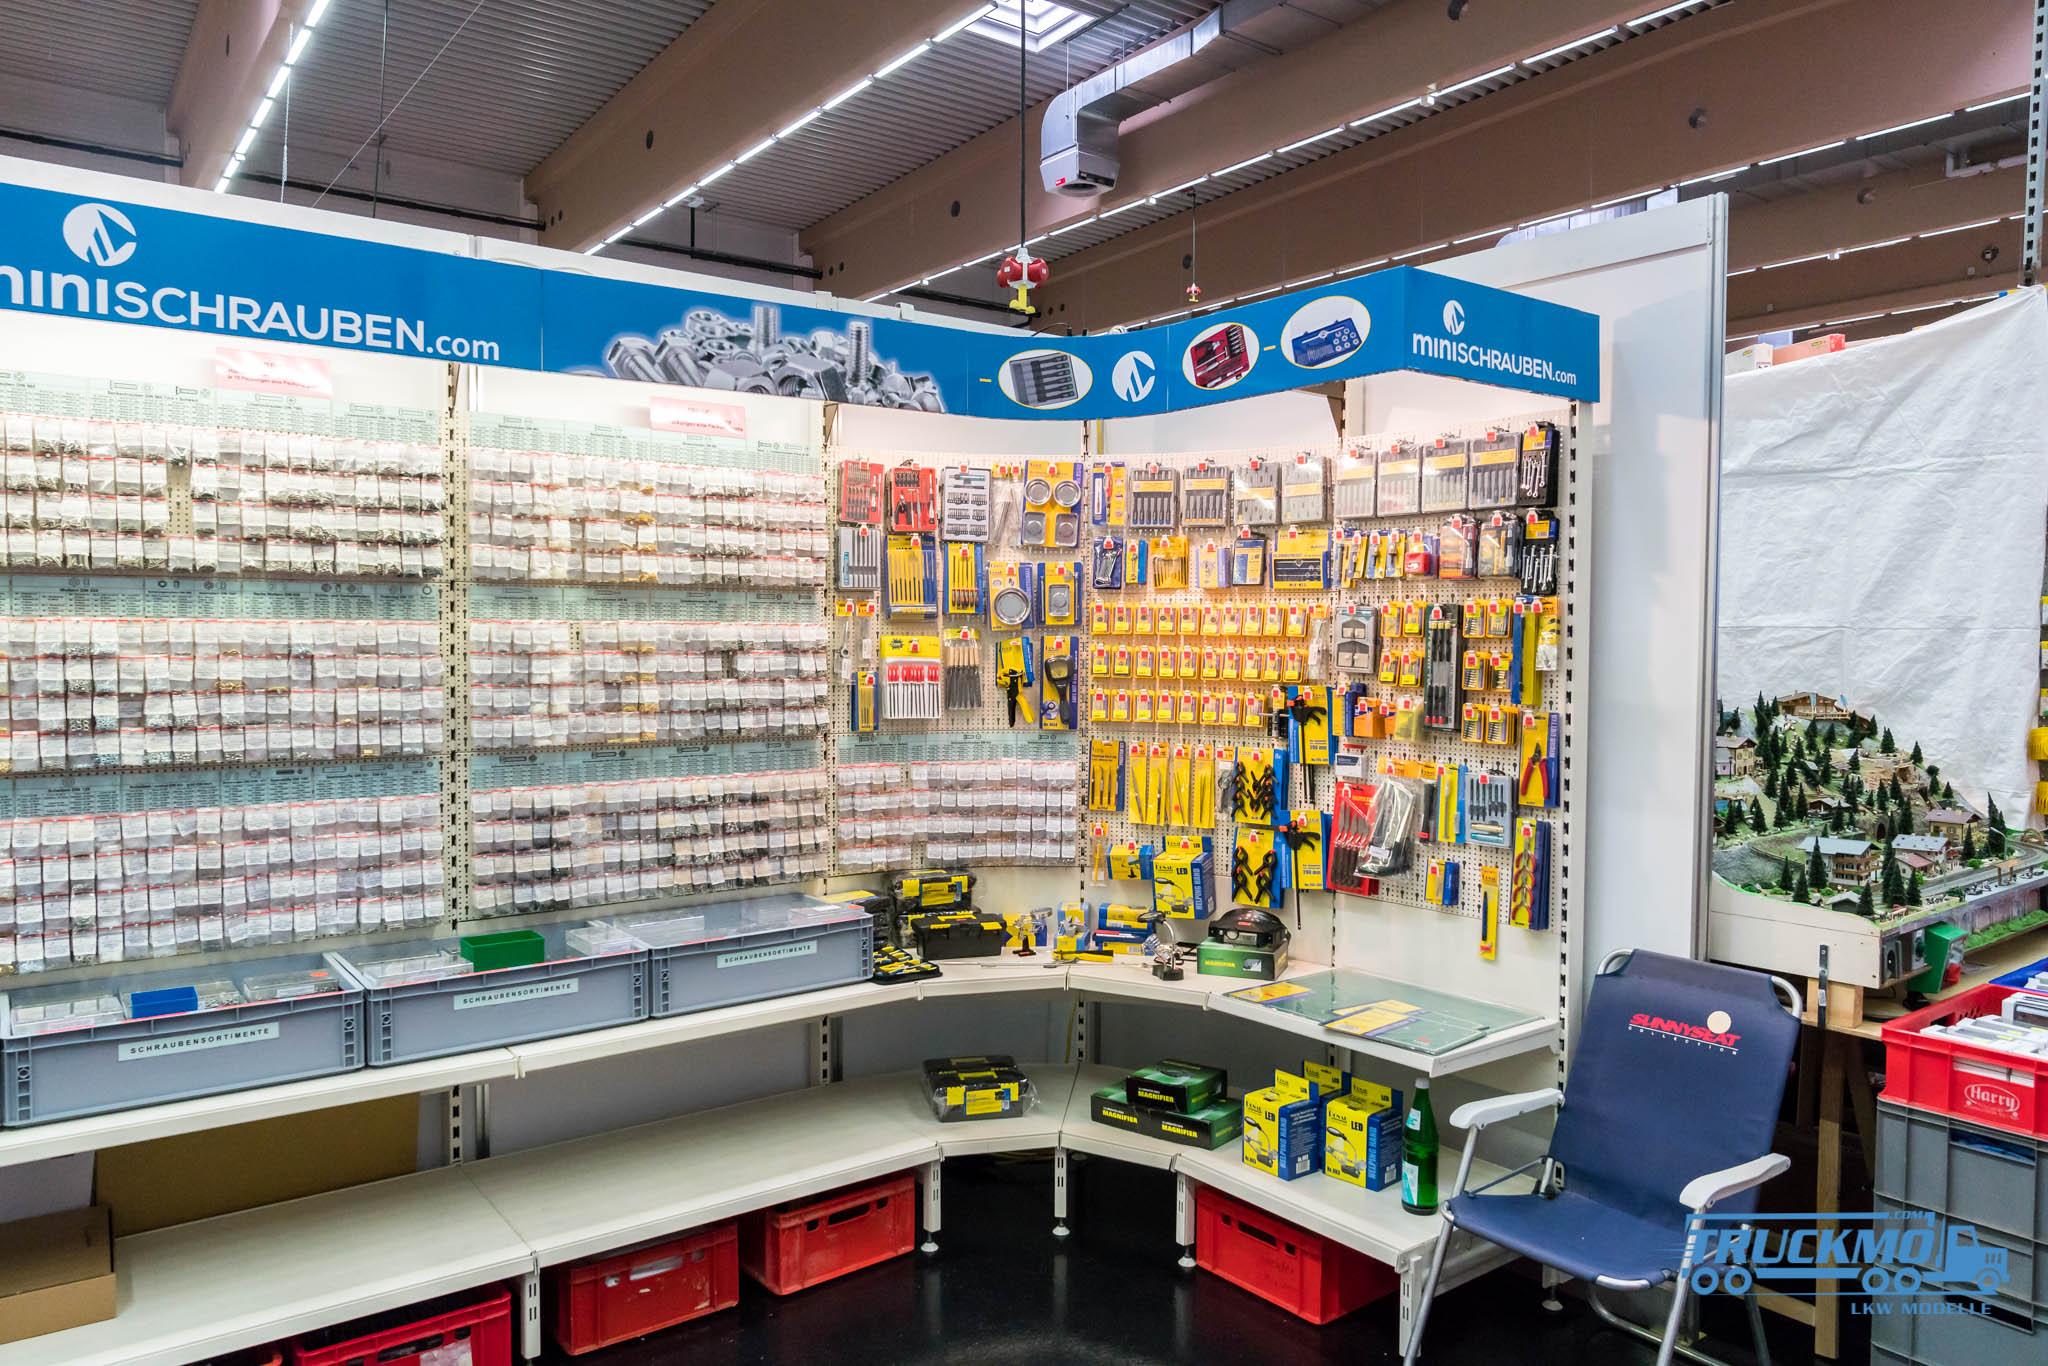 Truckmo_Modellbau_Ried_2017_Herpa_Messe_Modellbauausstellung (18 von 1177)